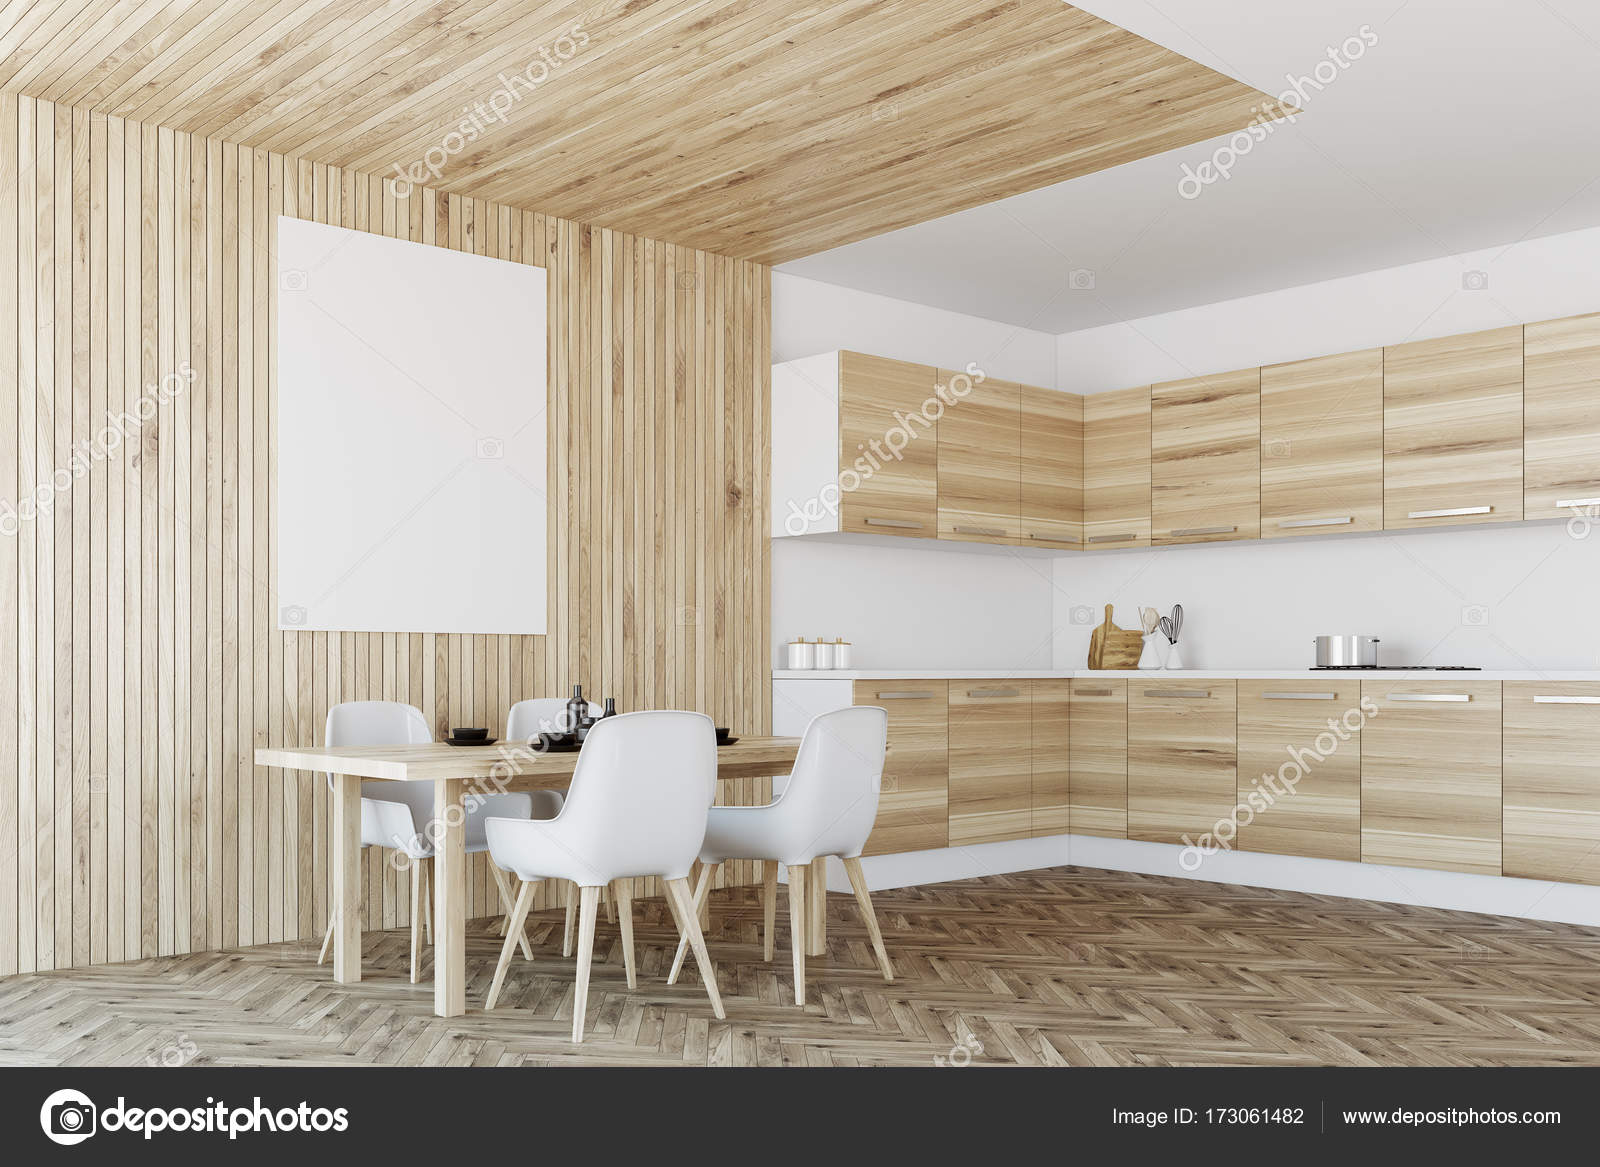 Moderne küche interieur holz und poster u stockfoto